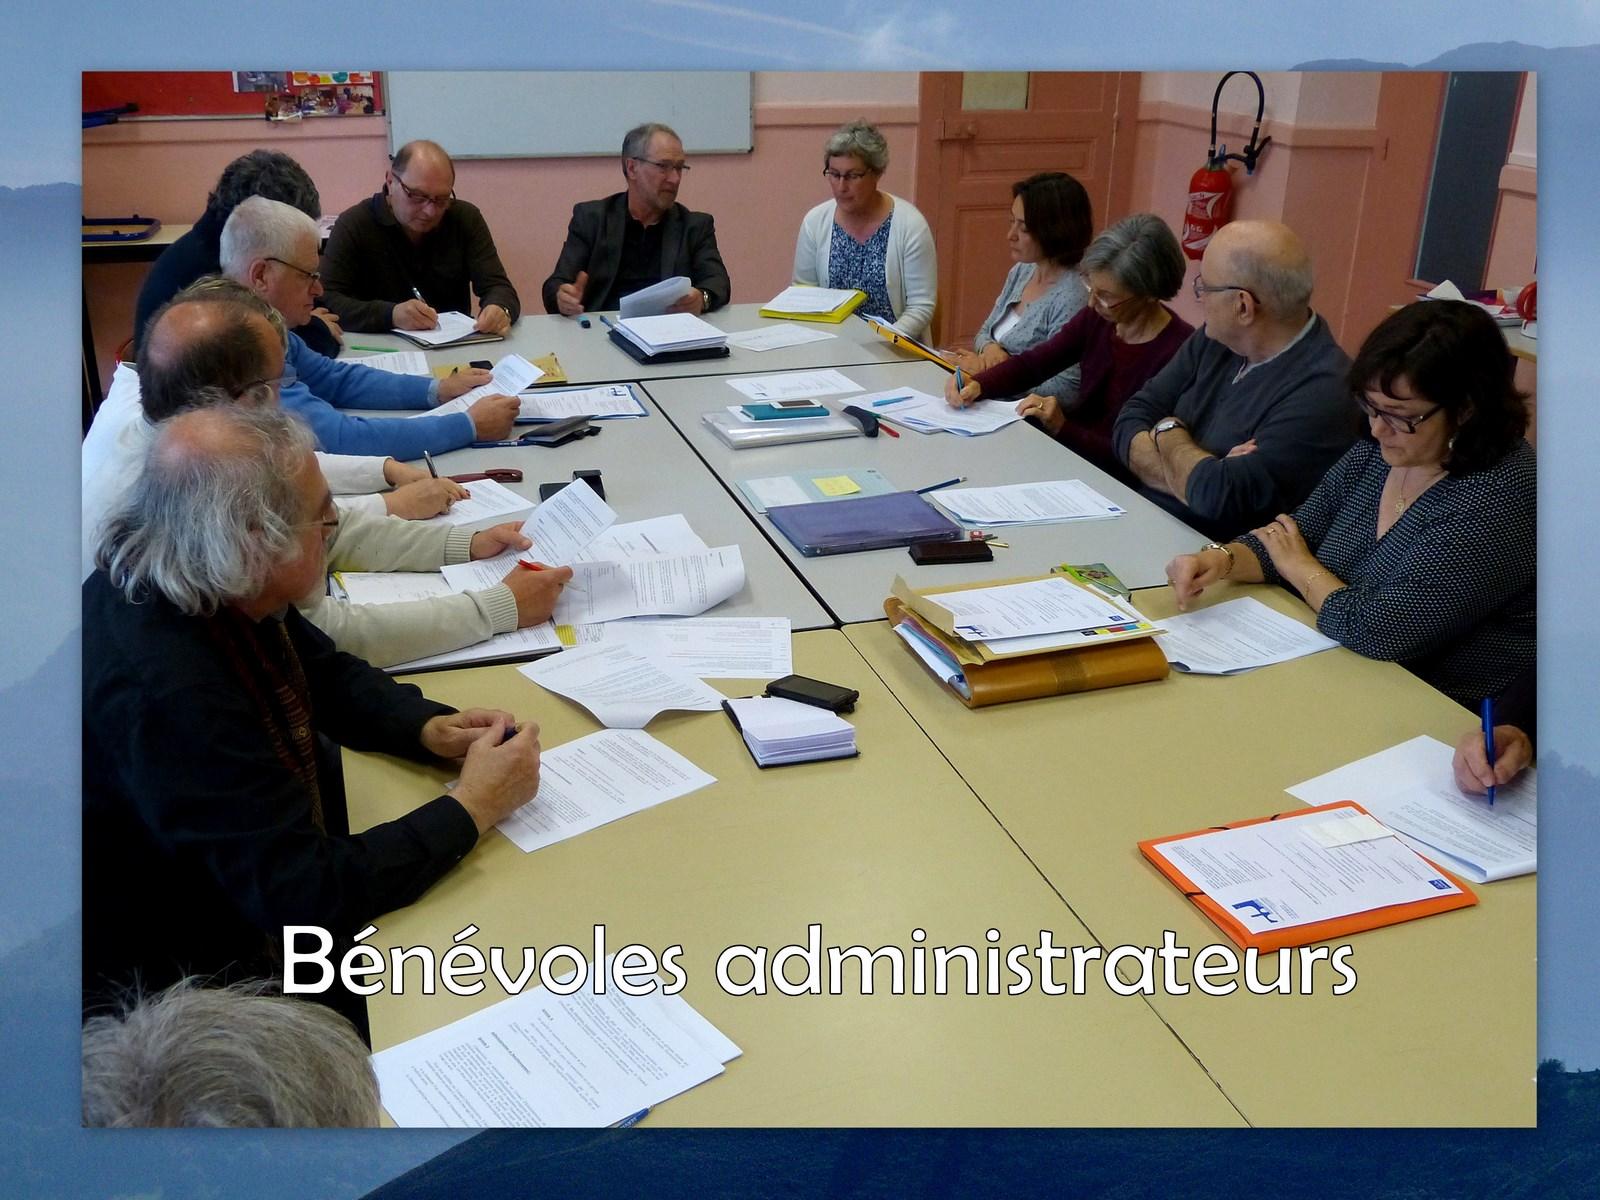 Bénévoles administrateurs (1)